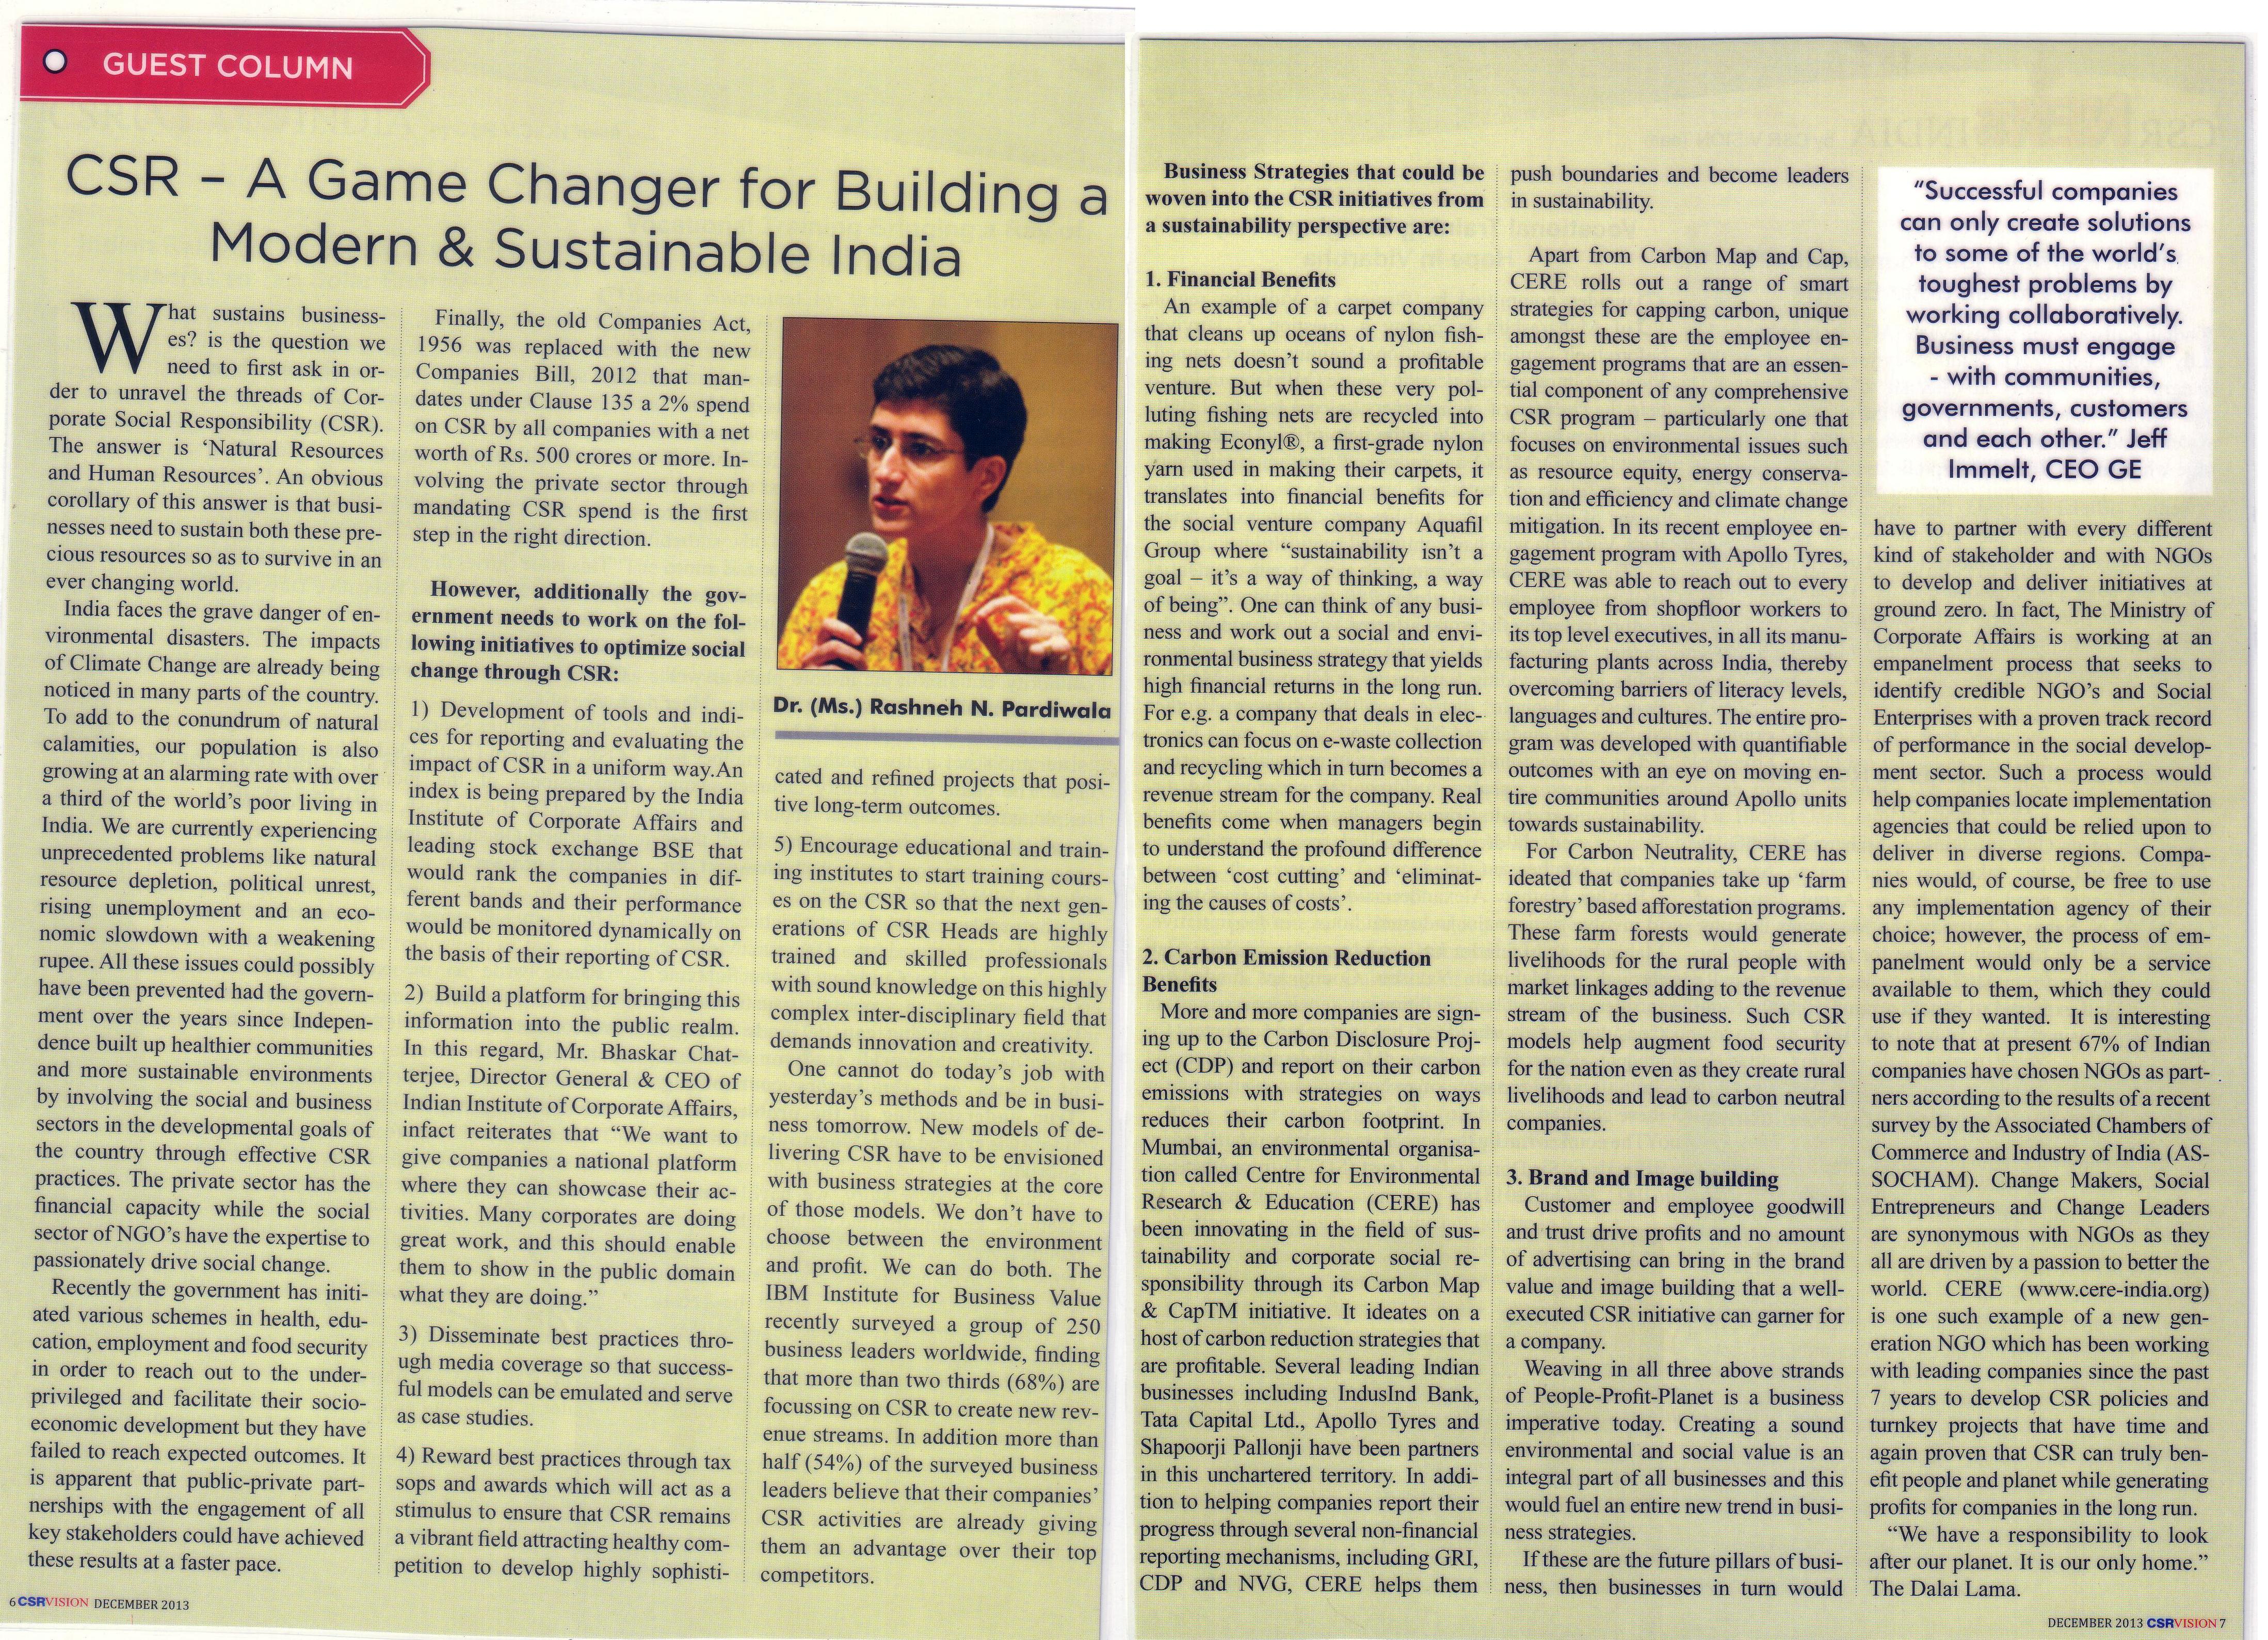 CSR Vision - December, 2013